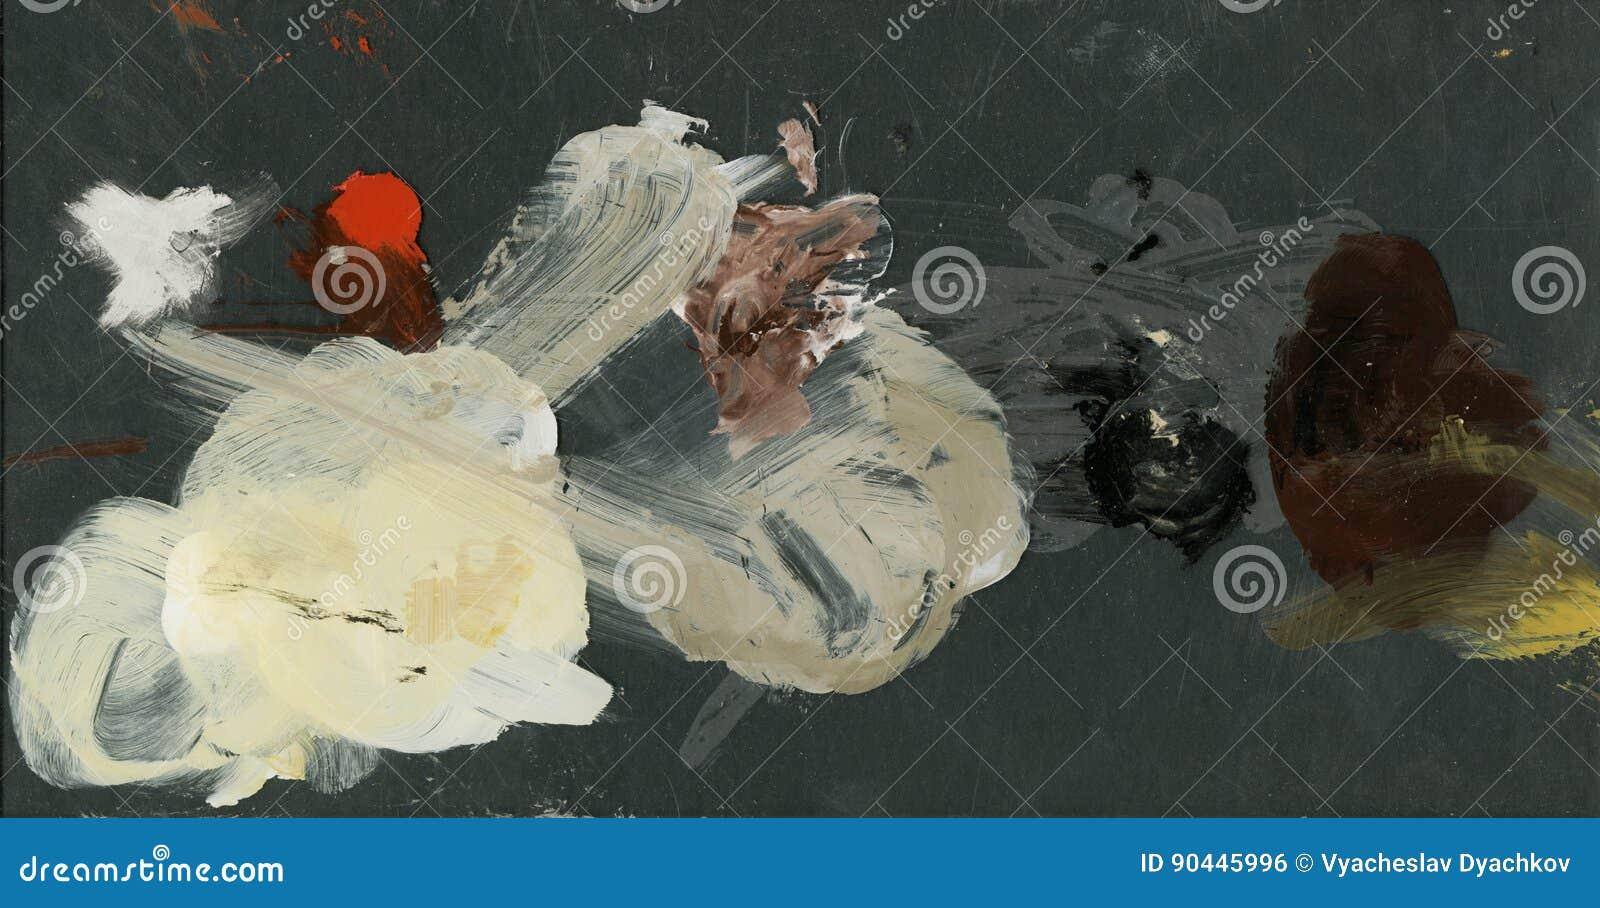 Fundo abstrato, pinturas de petróleo paleta da arte do acrílico, pinturas de óleo fundo cênico colorido abstrato